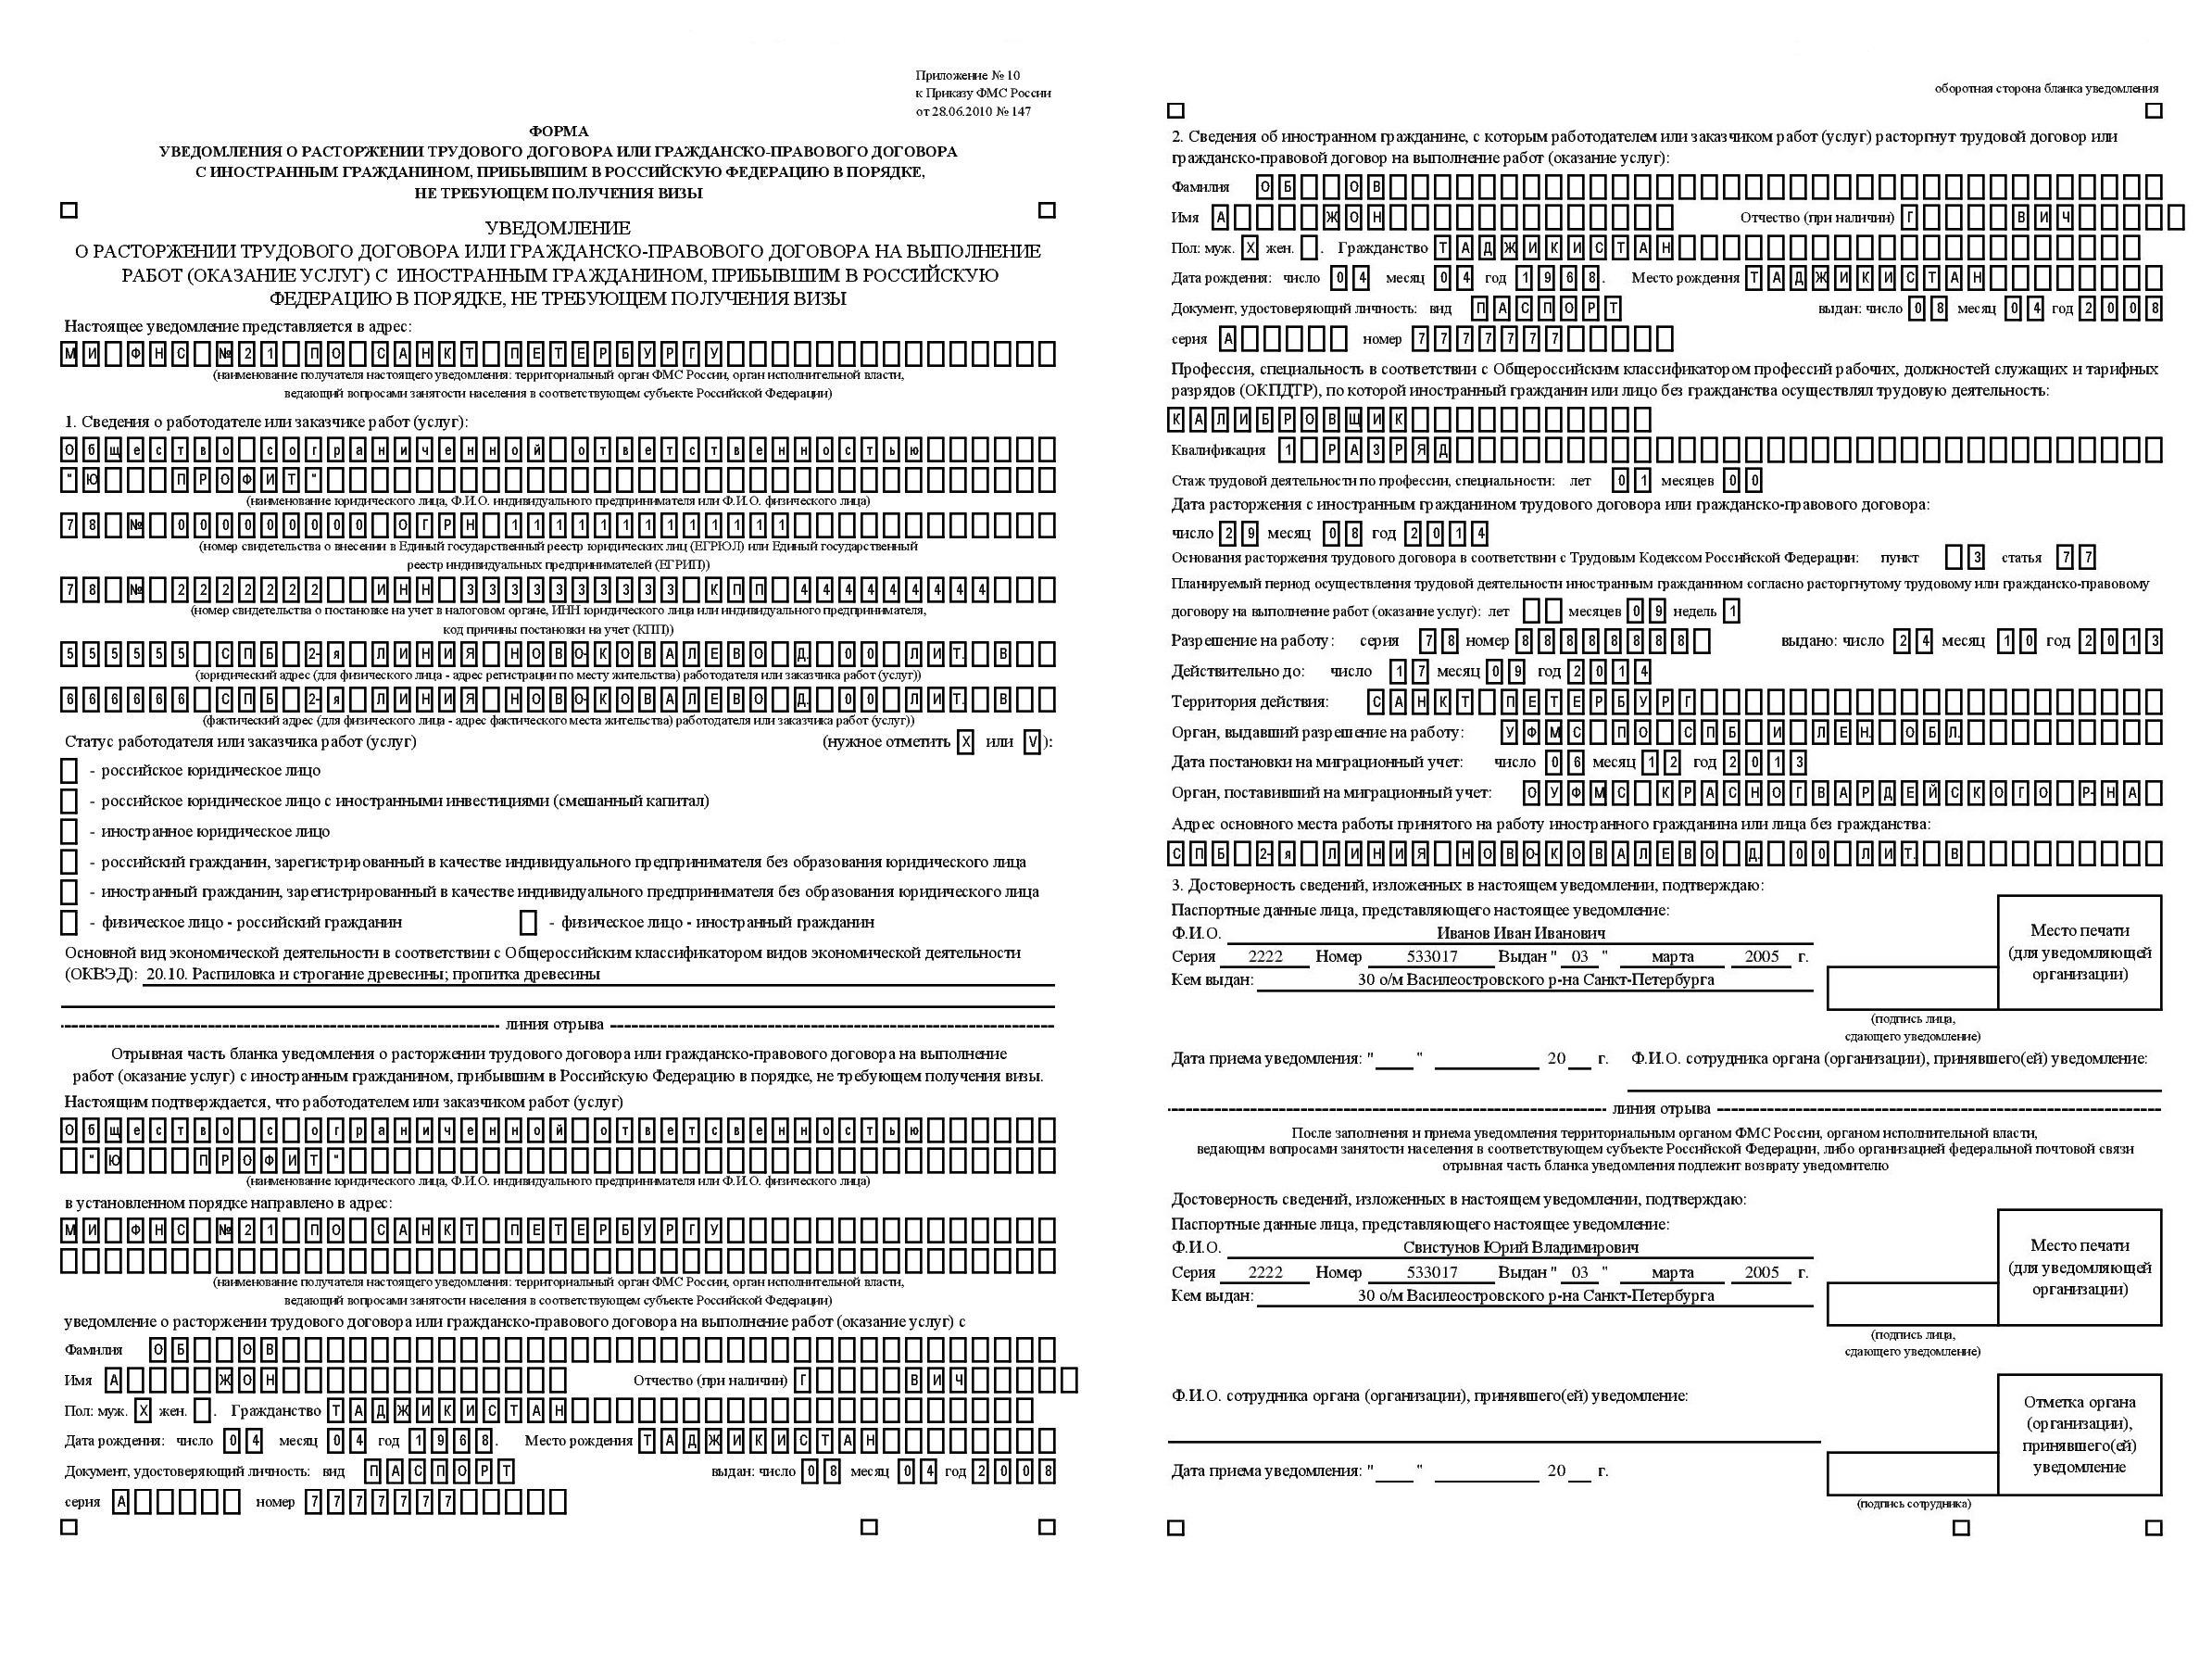 Бланк Трудового Договора С Иностранным Гражданином 2015г По Патенту